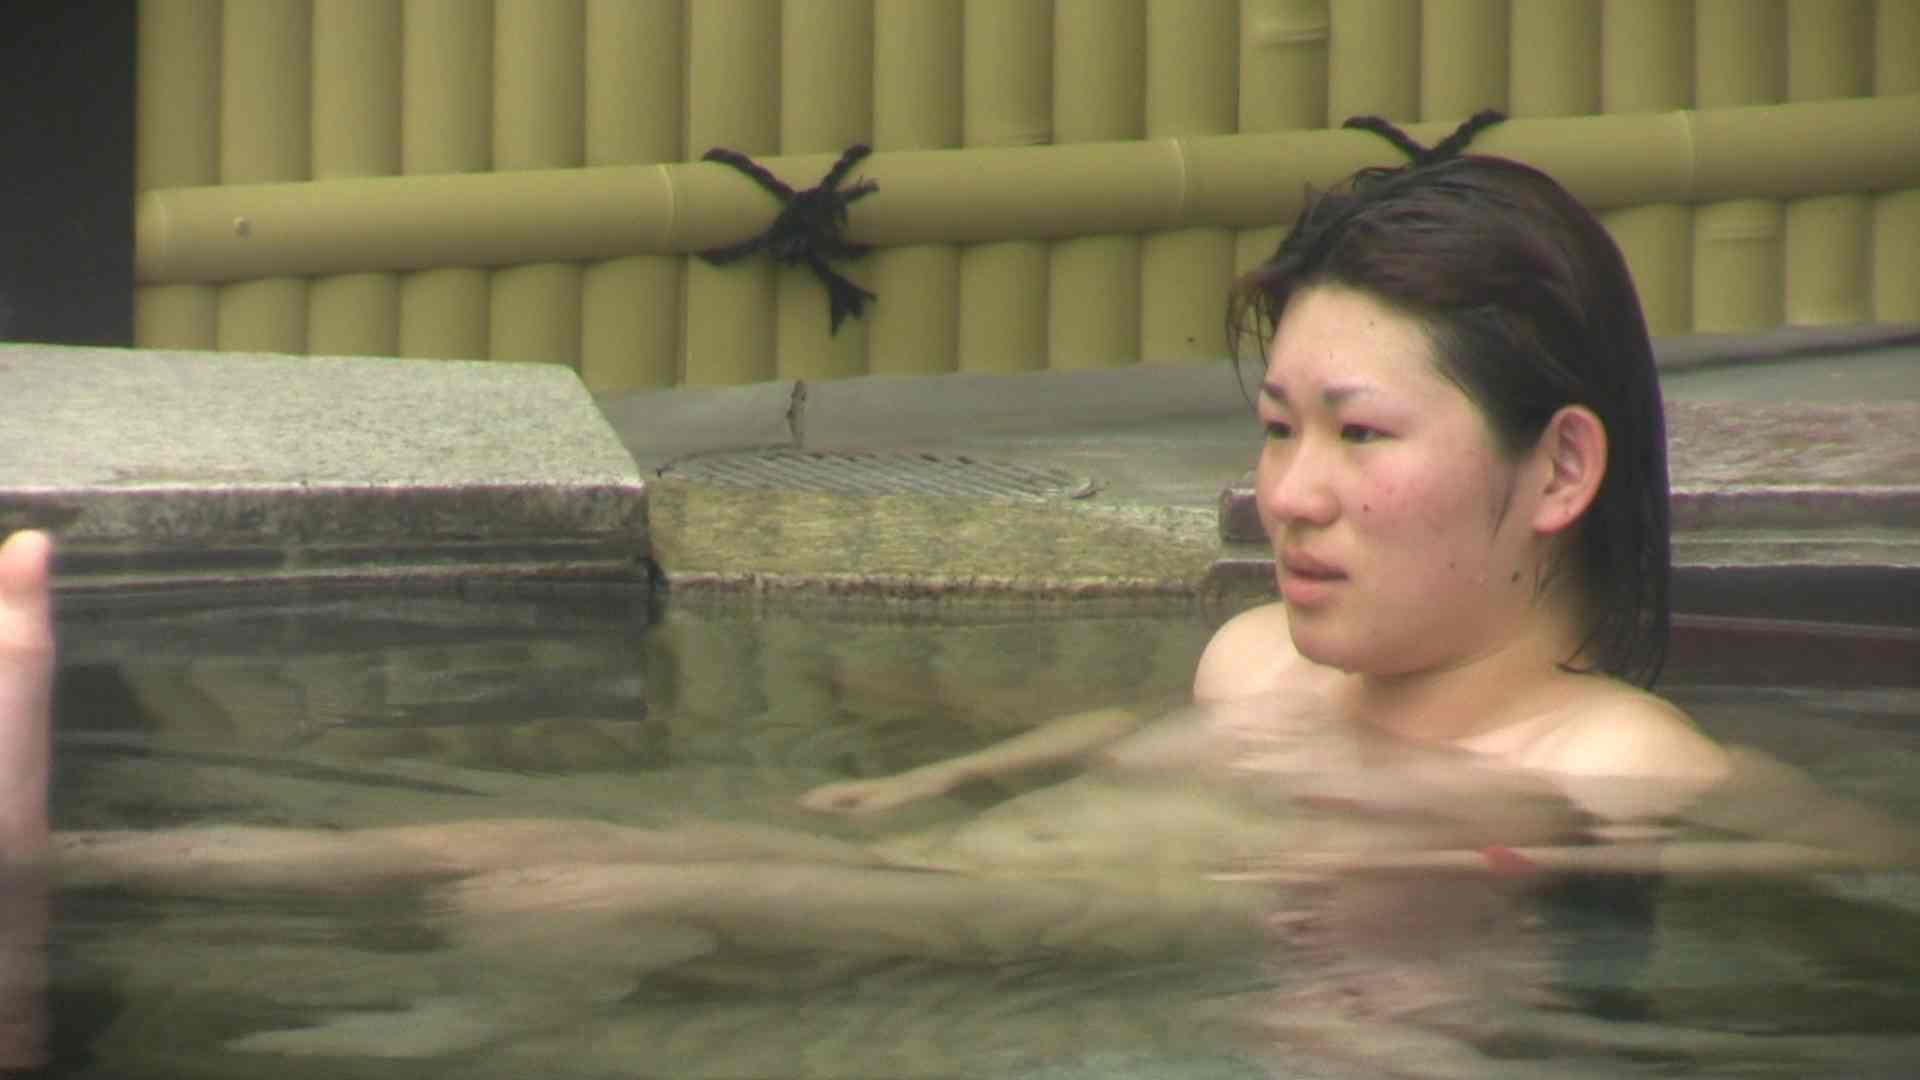 Aquaな露天風呂Vol.673 0  91pic 64